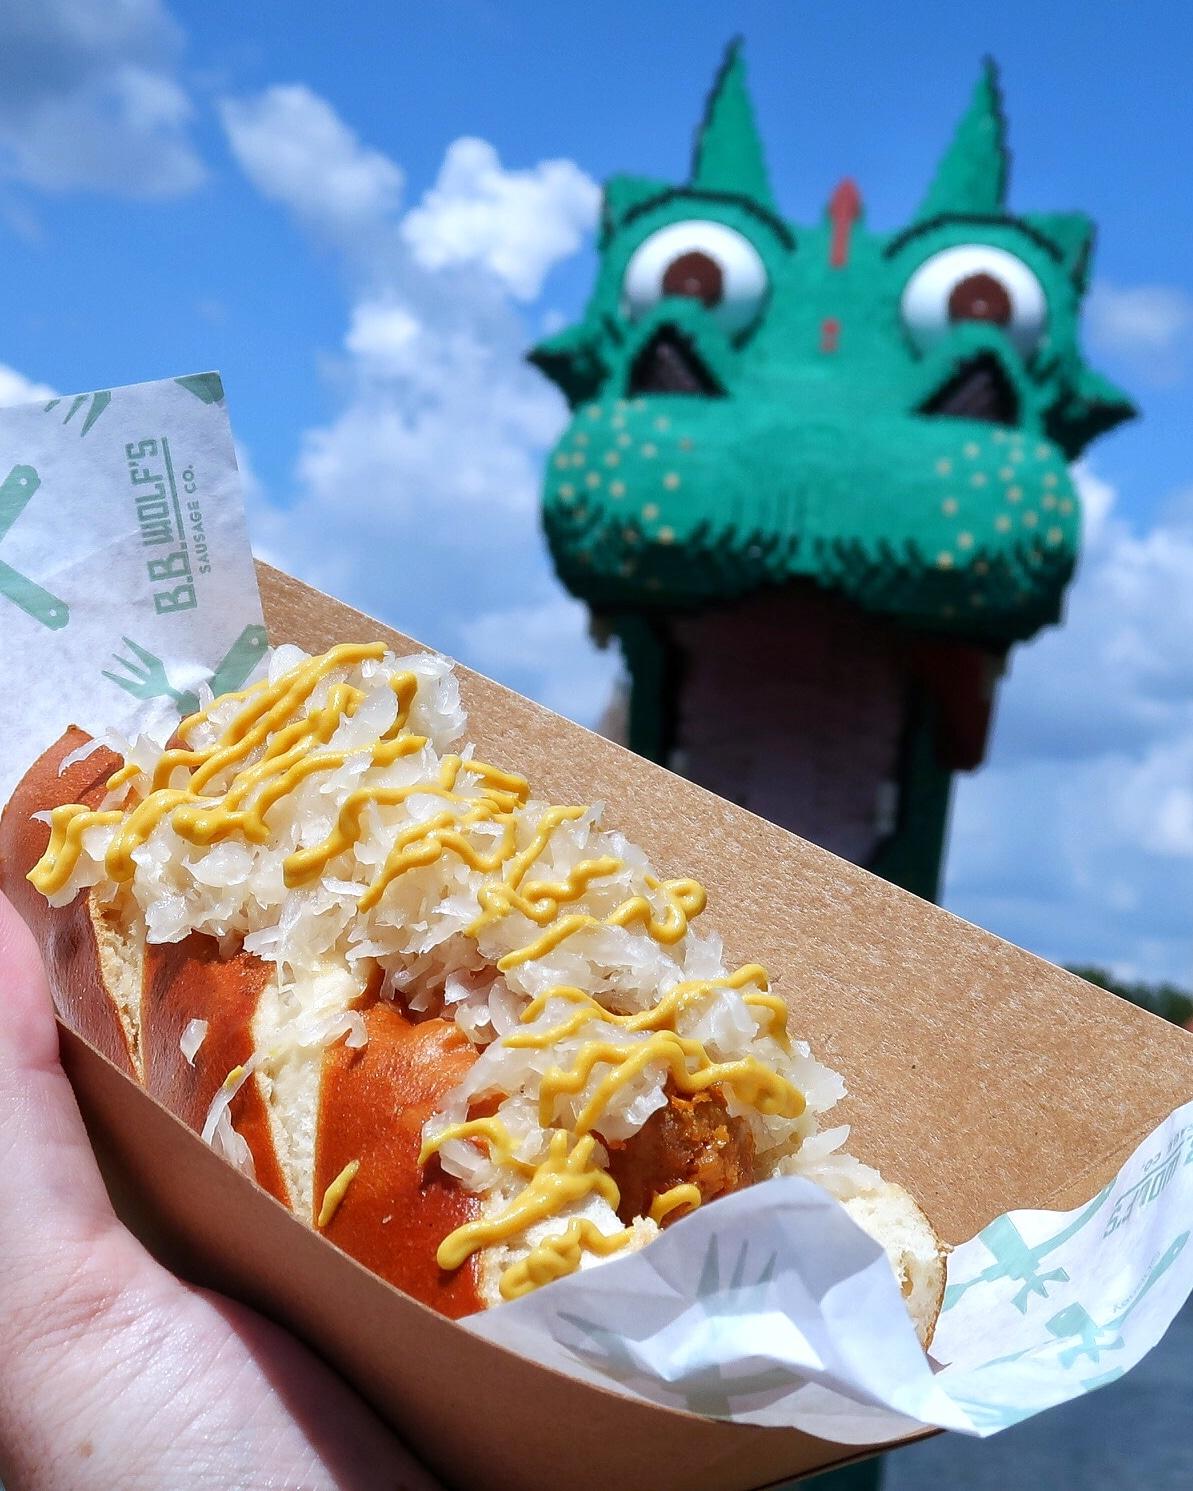 Vegan Bratwurst Sausage at B.B. Wolf's Sausage Co. in Disney Springs at Walt Disney World